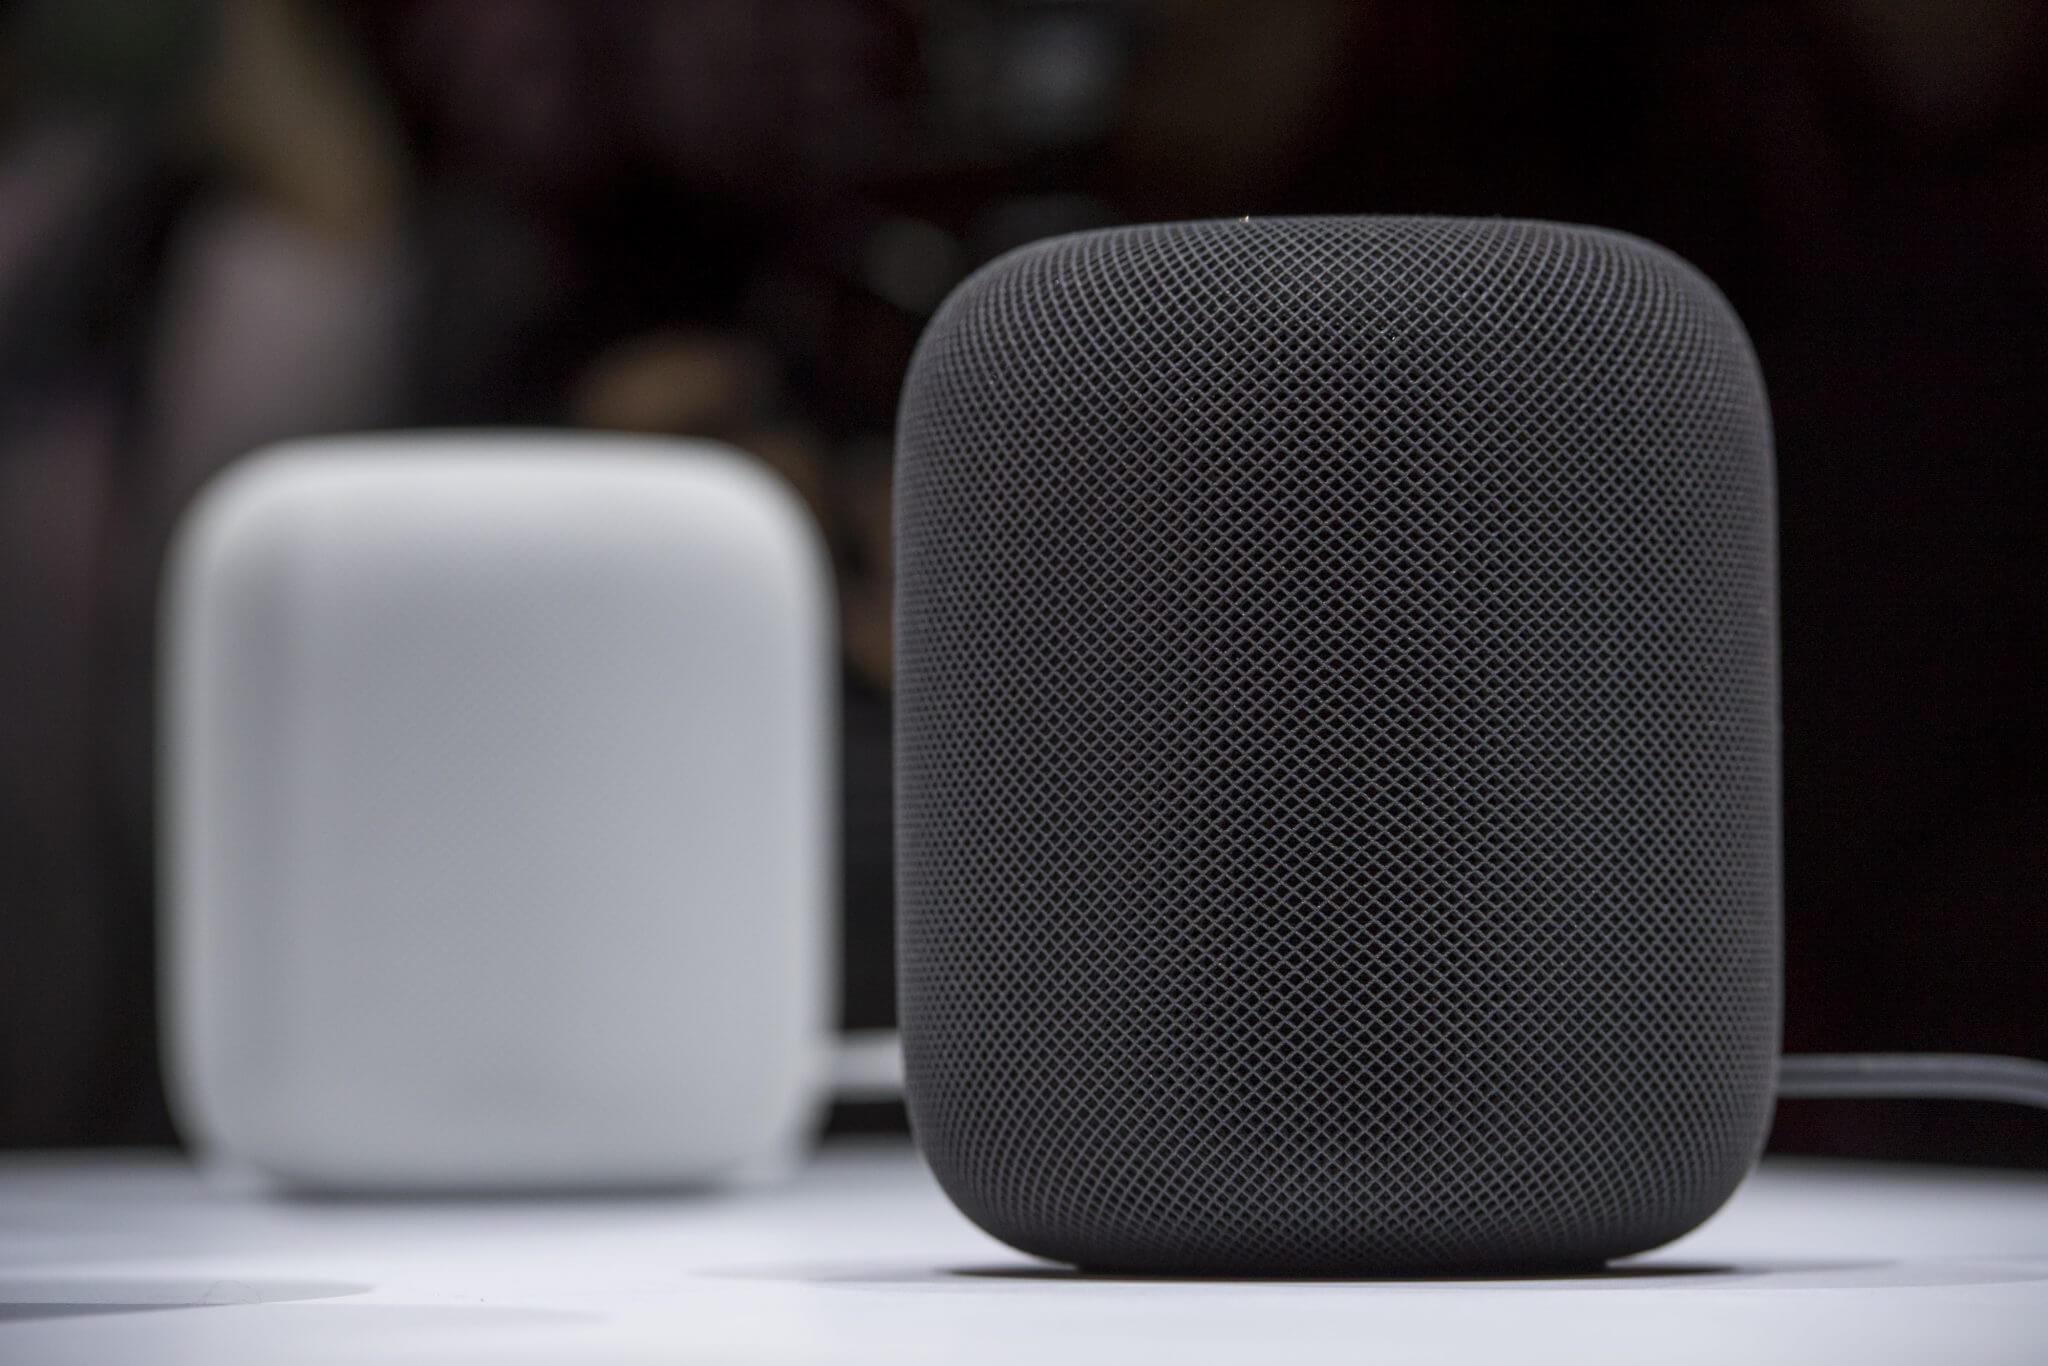 apple homepod launch preorder - Confira o que especialistas dizem sobre o novo HomePod da Apple